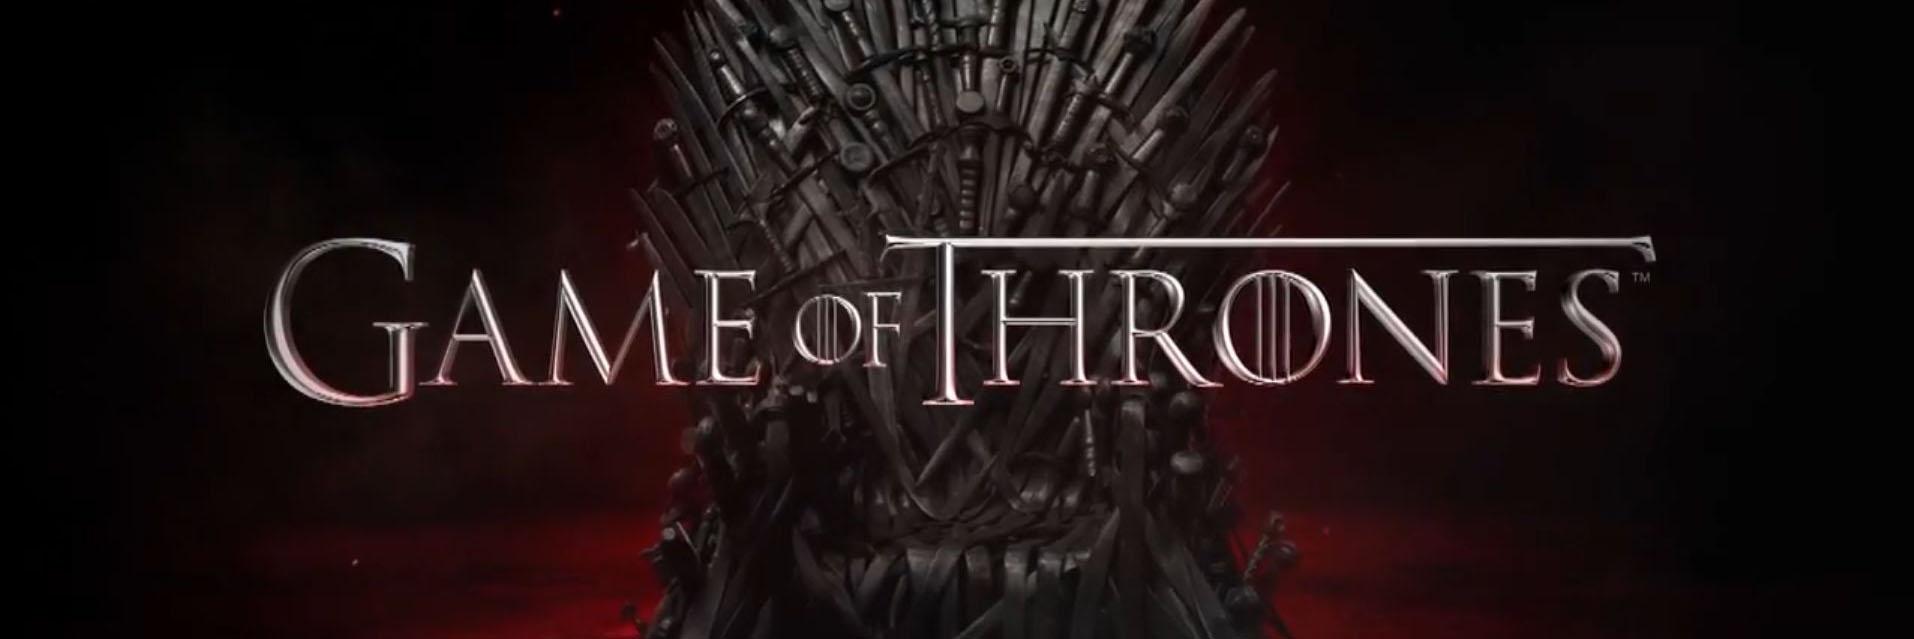 سريال زيباي Game Of Thrones محصول سال 2011 آمريکا